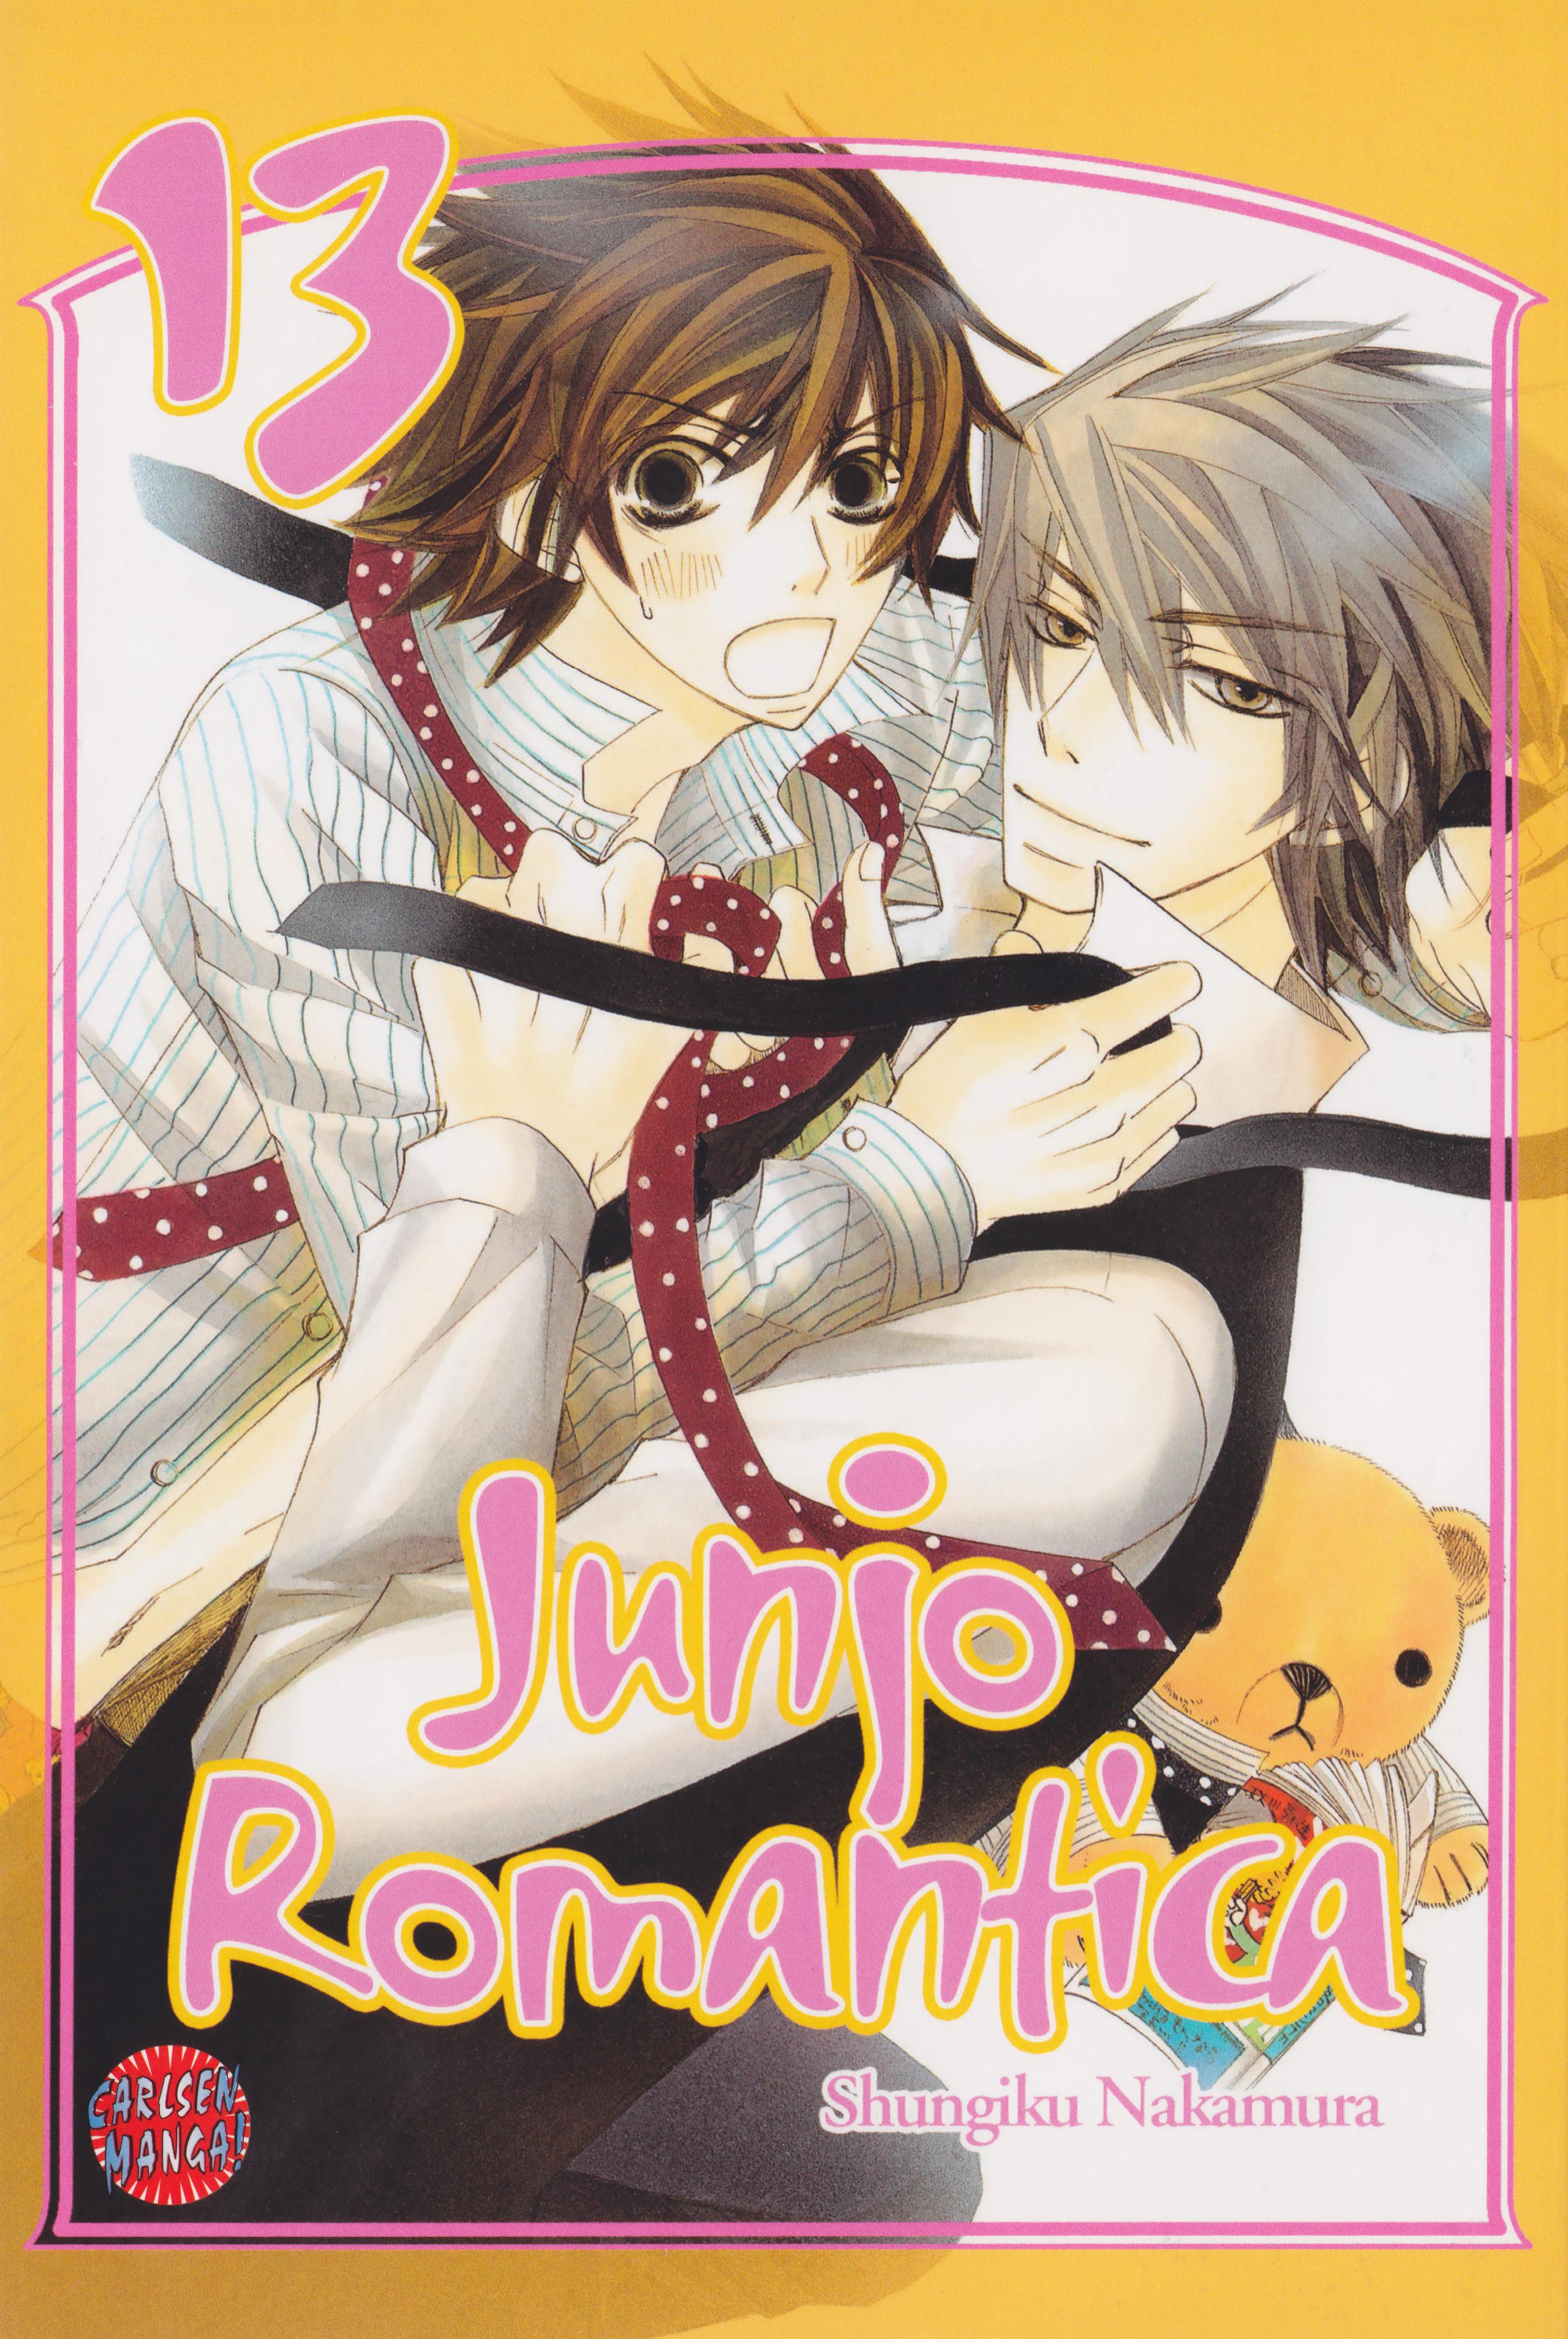 Junjou Romantica: Junjo Romantica Cover 13 - Minitokyo